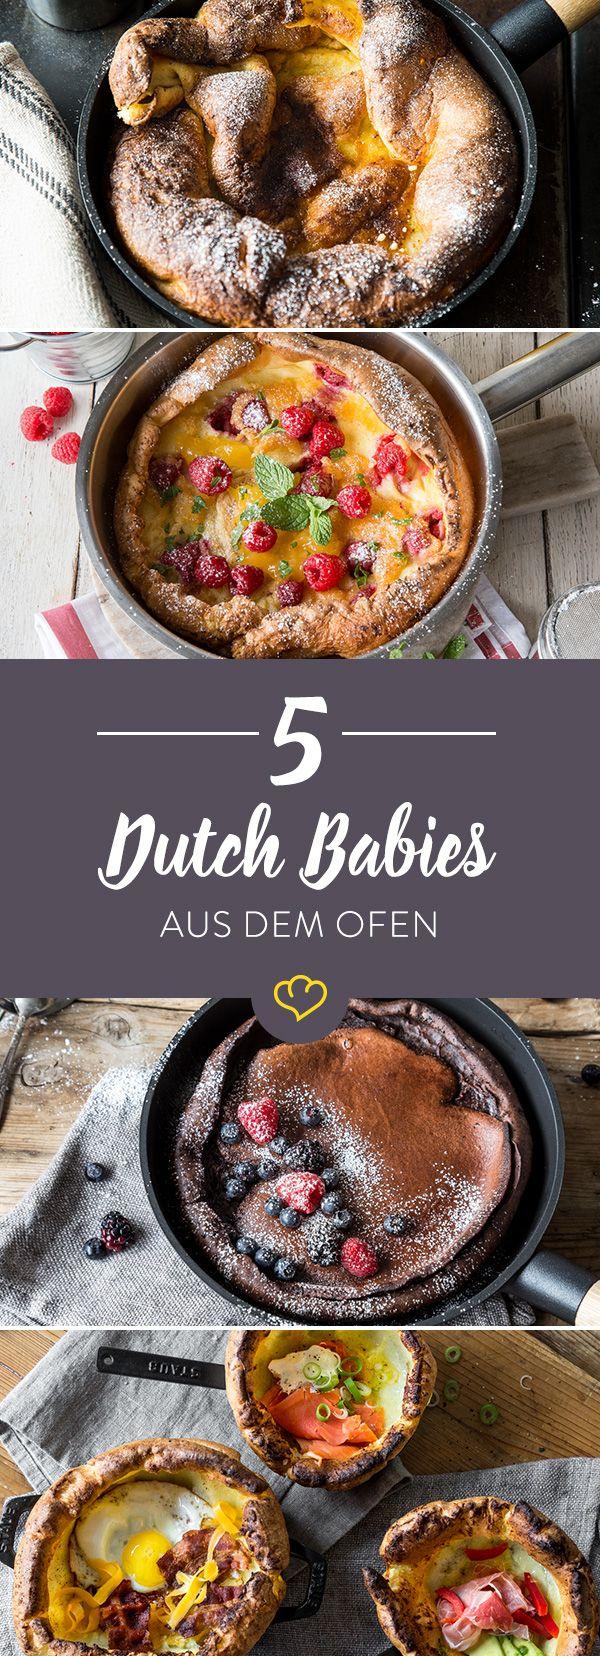 Gibst du Pfannkuchen in den Ofen werden sie zu Dutch Babies und unglaublich fluffig. Wir zeigen dir schokoladige, fruchtige und herzhafte Variationen.